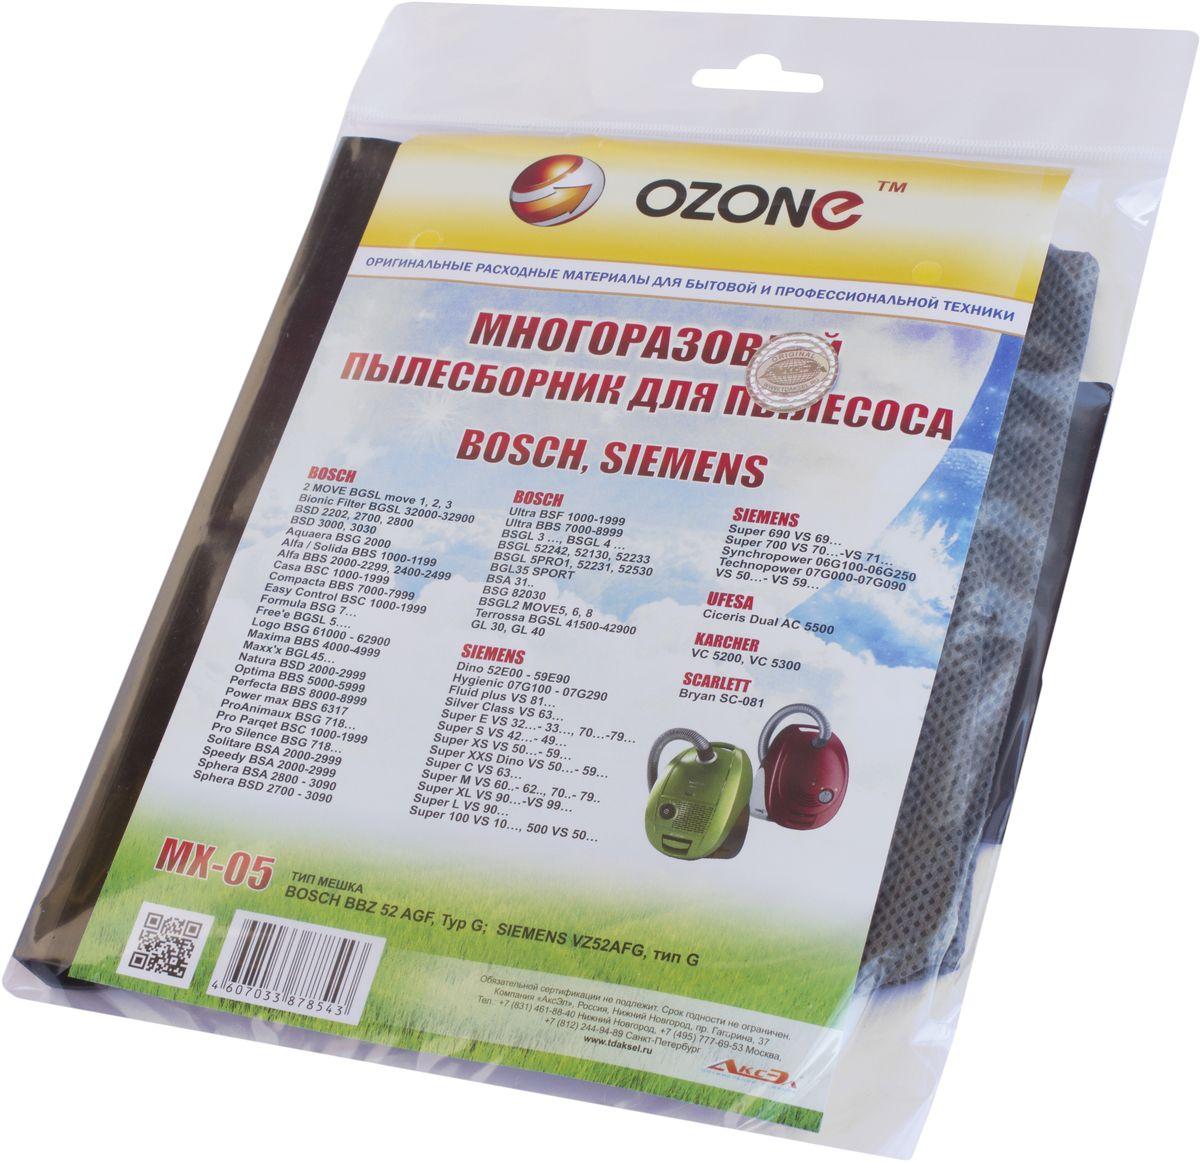 Ozone MX-05 пылесборник для пылесосов BoschMX-05Многоразовый синтетический пылесборник Ozone microne multiplex MX-05 предназначен для бытового использования. Пылесборник Ozoneсоответствуют высоким стандартам качества. Благодаря использованию специального четырехслойного синтетического материала, пылесборник Ozonemicrone multiplex MX-05 обладает высочайшей степенью фильтрации и повышенной прочностью. Серия Micron задерживает мельчайшие частицы пыли и пыльцы. Ozonemicrone multiplex MX-05 выдерживает нагрузку до 30кг., а так же выполняется 100% заполняемость мешка.